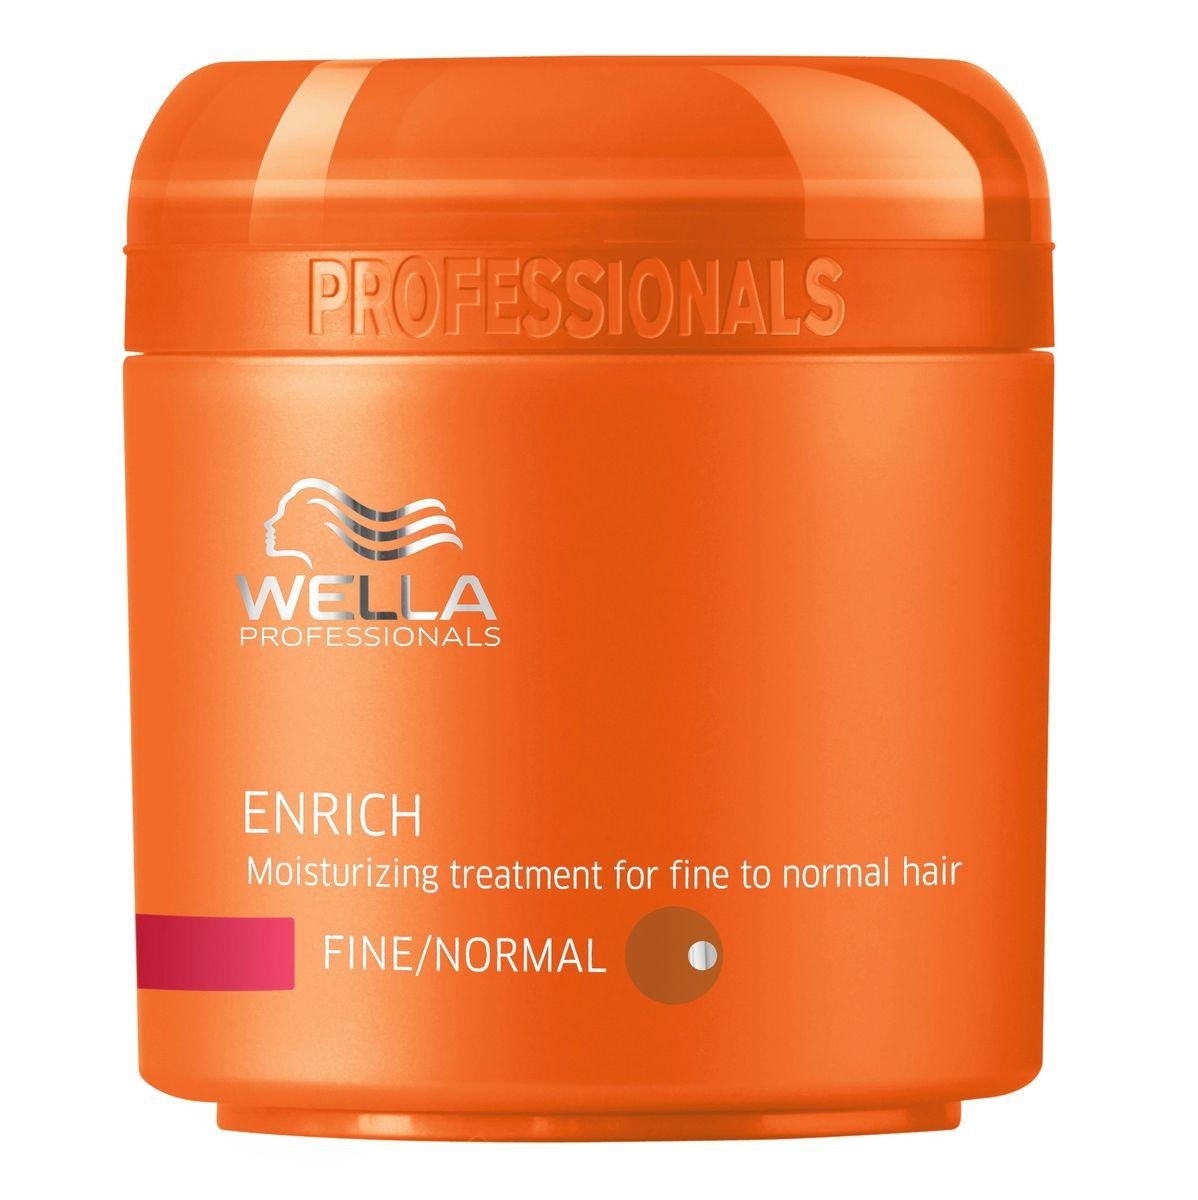 Wella Питательная крем-маска Enrich Line для нормальных и тонких волос, 150 мл117450Для нормальных и тонких волос отлично подходит специальная питательная крем-маска от Wella, содержащая натуральные компоненты. Данное средство используют в тех случаях, когда необходимо придать локонам насыщенный блеск и эластичность. Маска восстанавливает поврежденные волосы любой длины, увлажняет их, и все благодаря входящему в состав экстракту шелка. Ваши волосы получают полноценный уход и защиту от внешнего негативного воздействия.Упругость, сила, сияющий цвет волос все это обеспечивает вашим волосам крем-маска Wella.